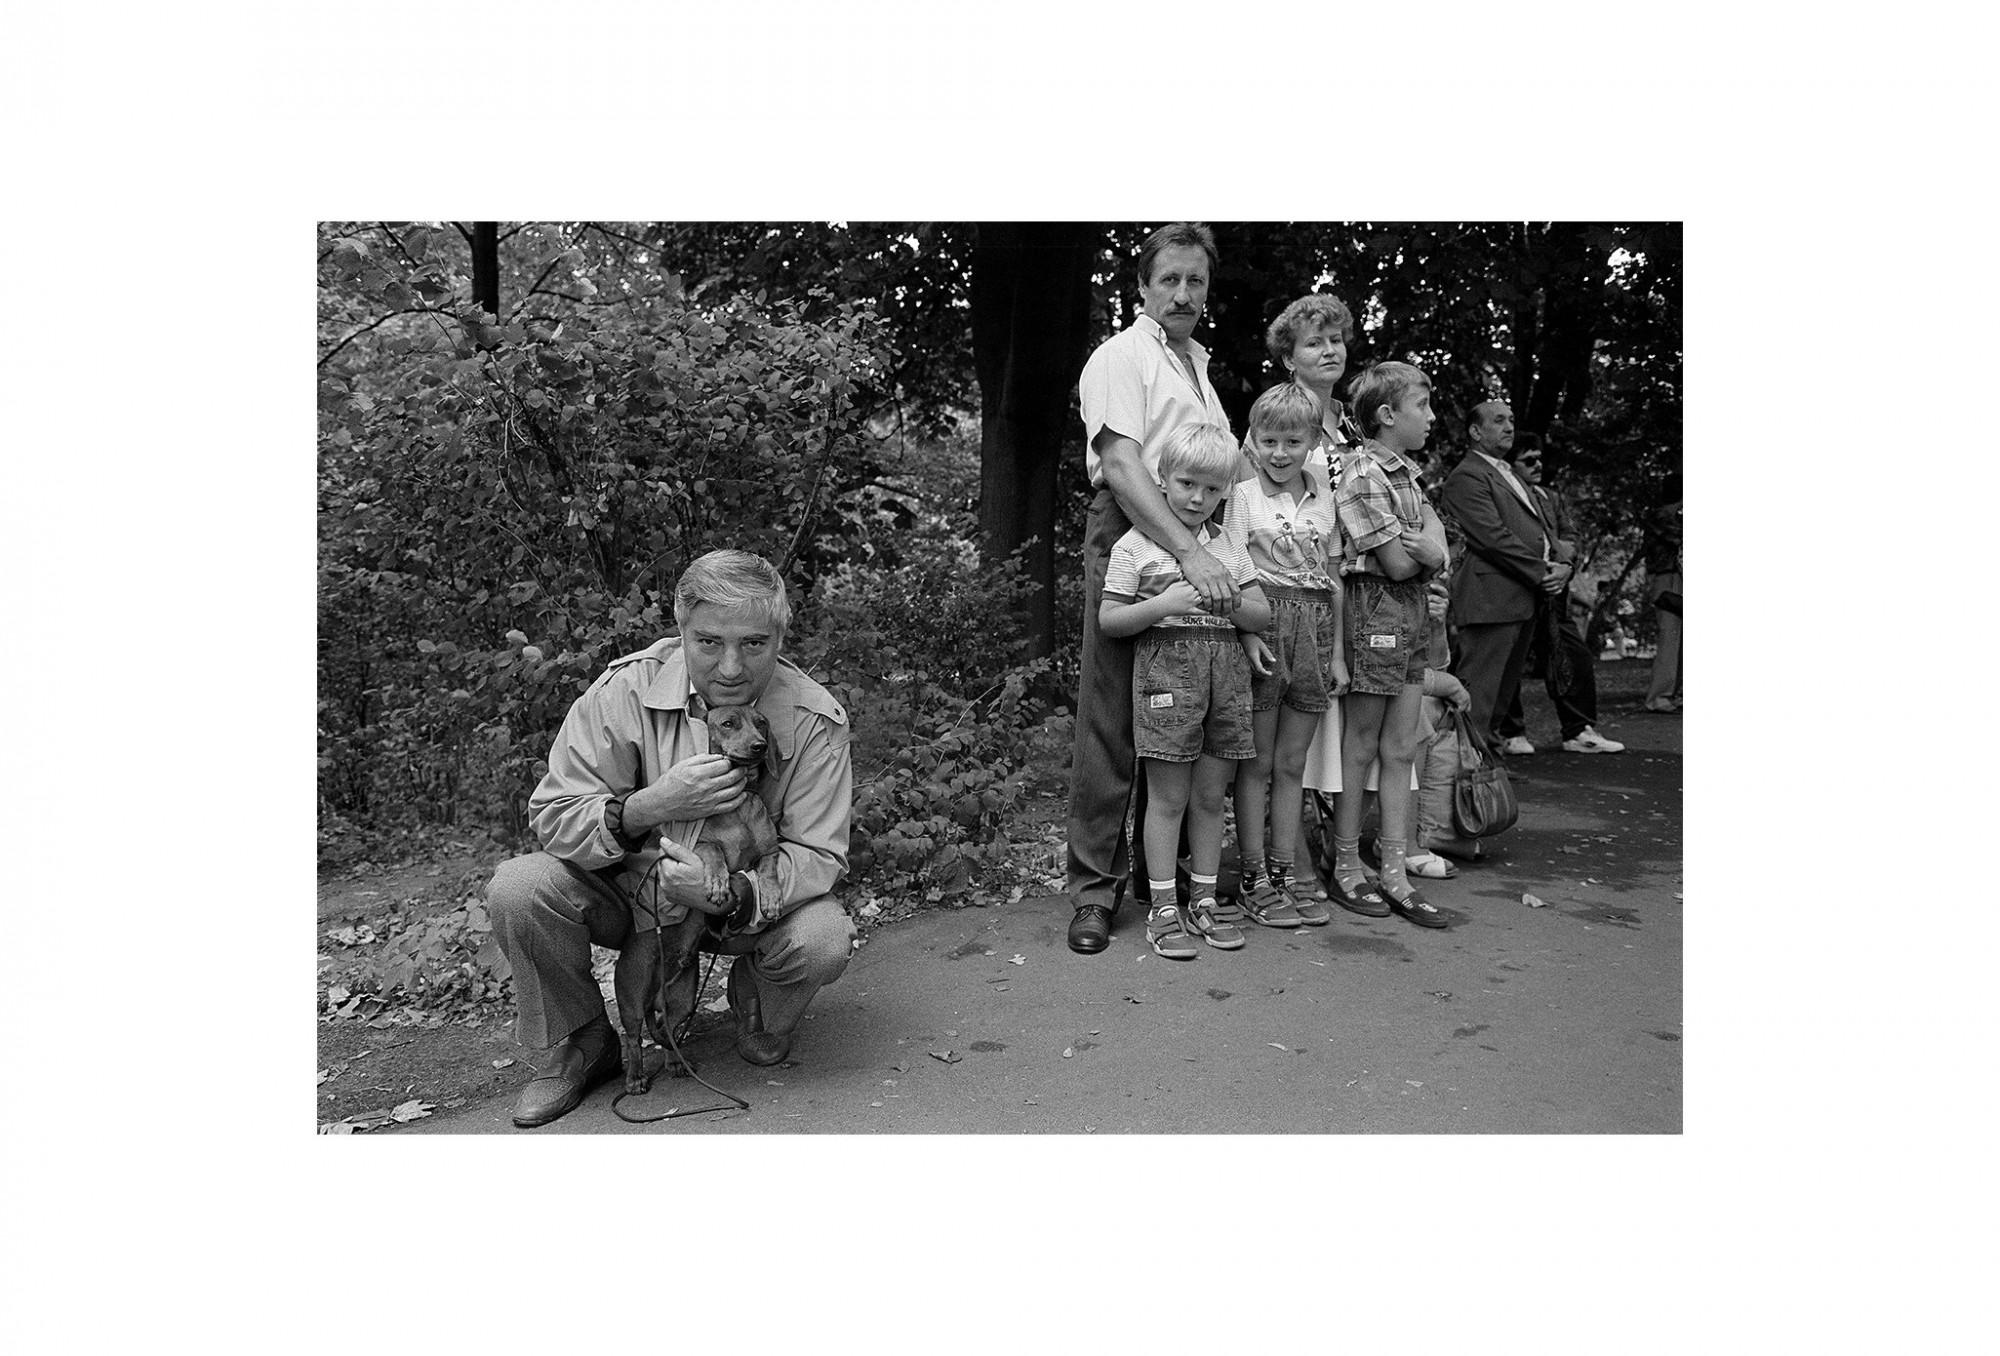 Afbeelding: Uit de reeks : Polen, een kast op glazen poten, 92-07-29, Czestochowa, © Dominique Van Huffel